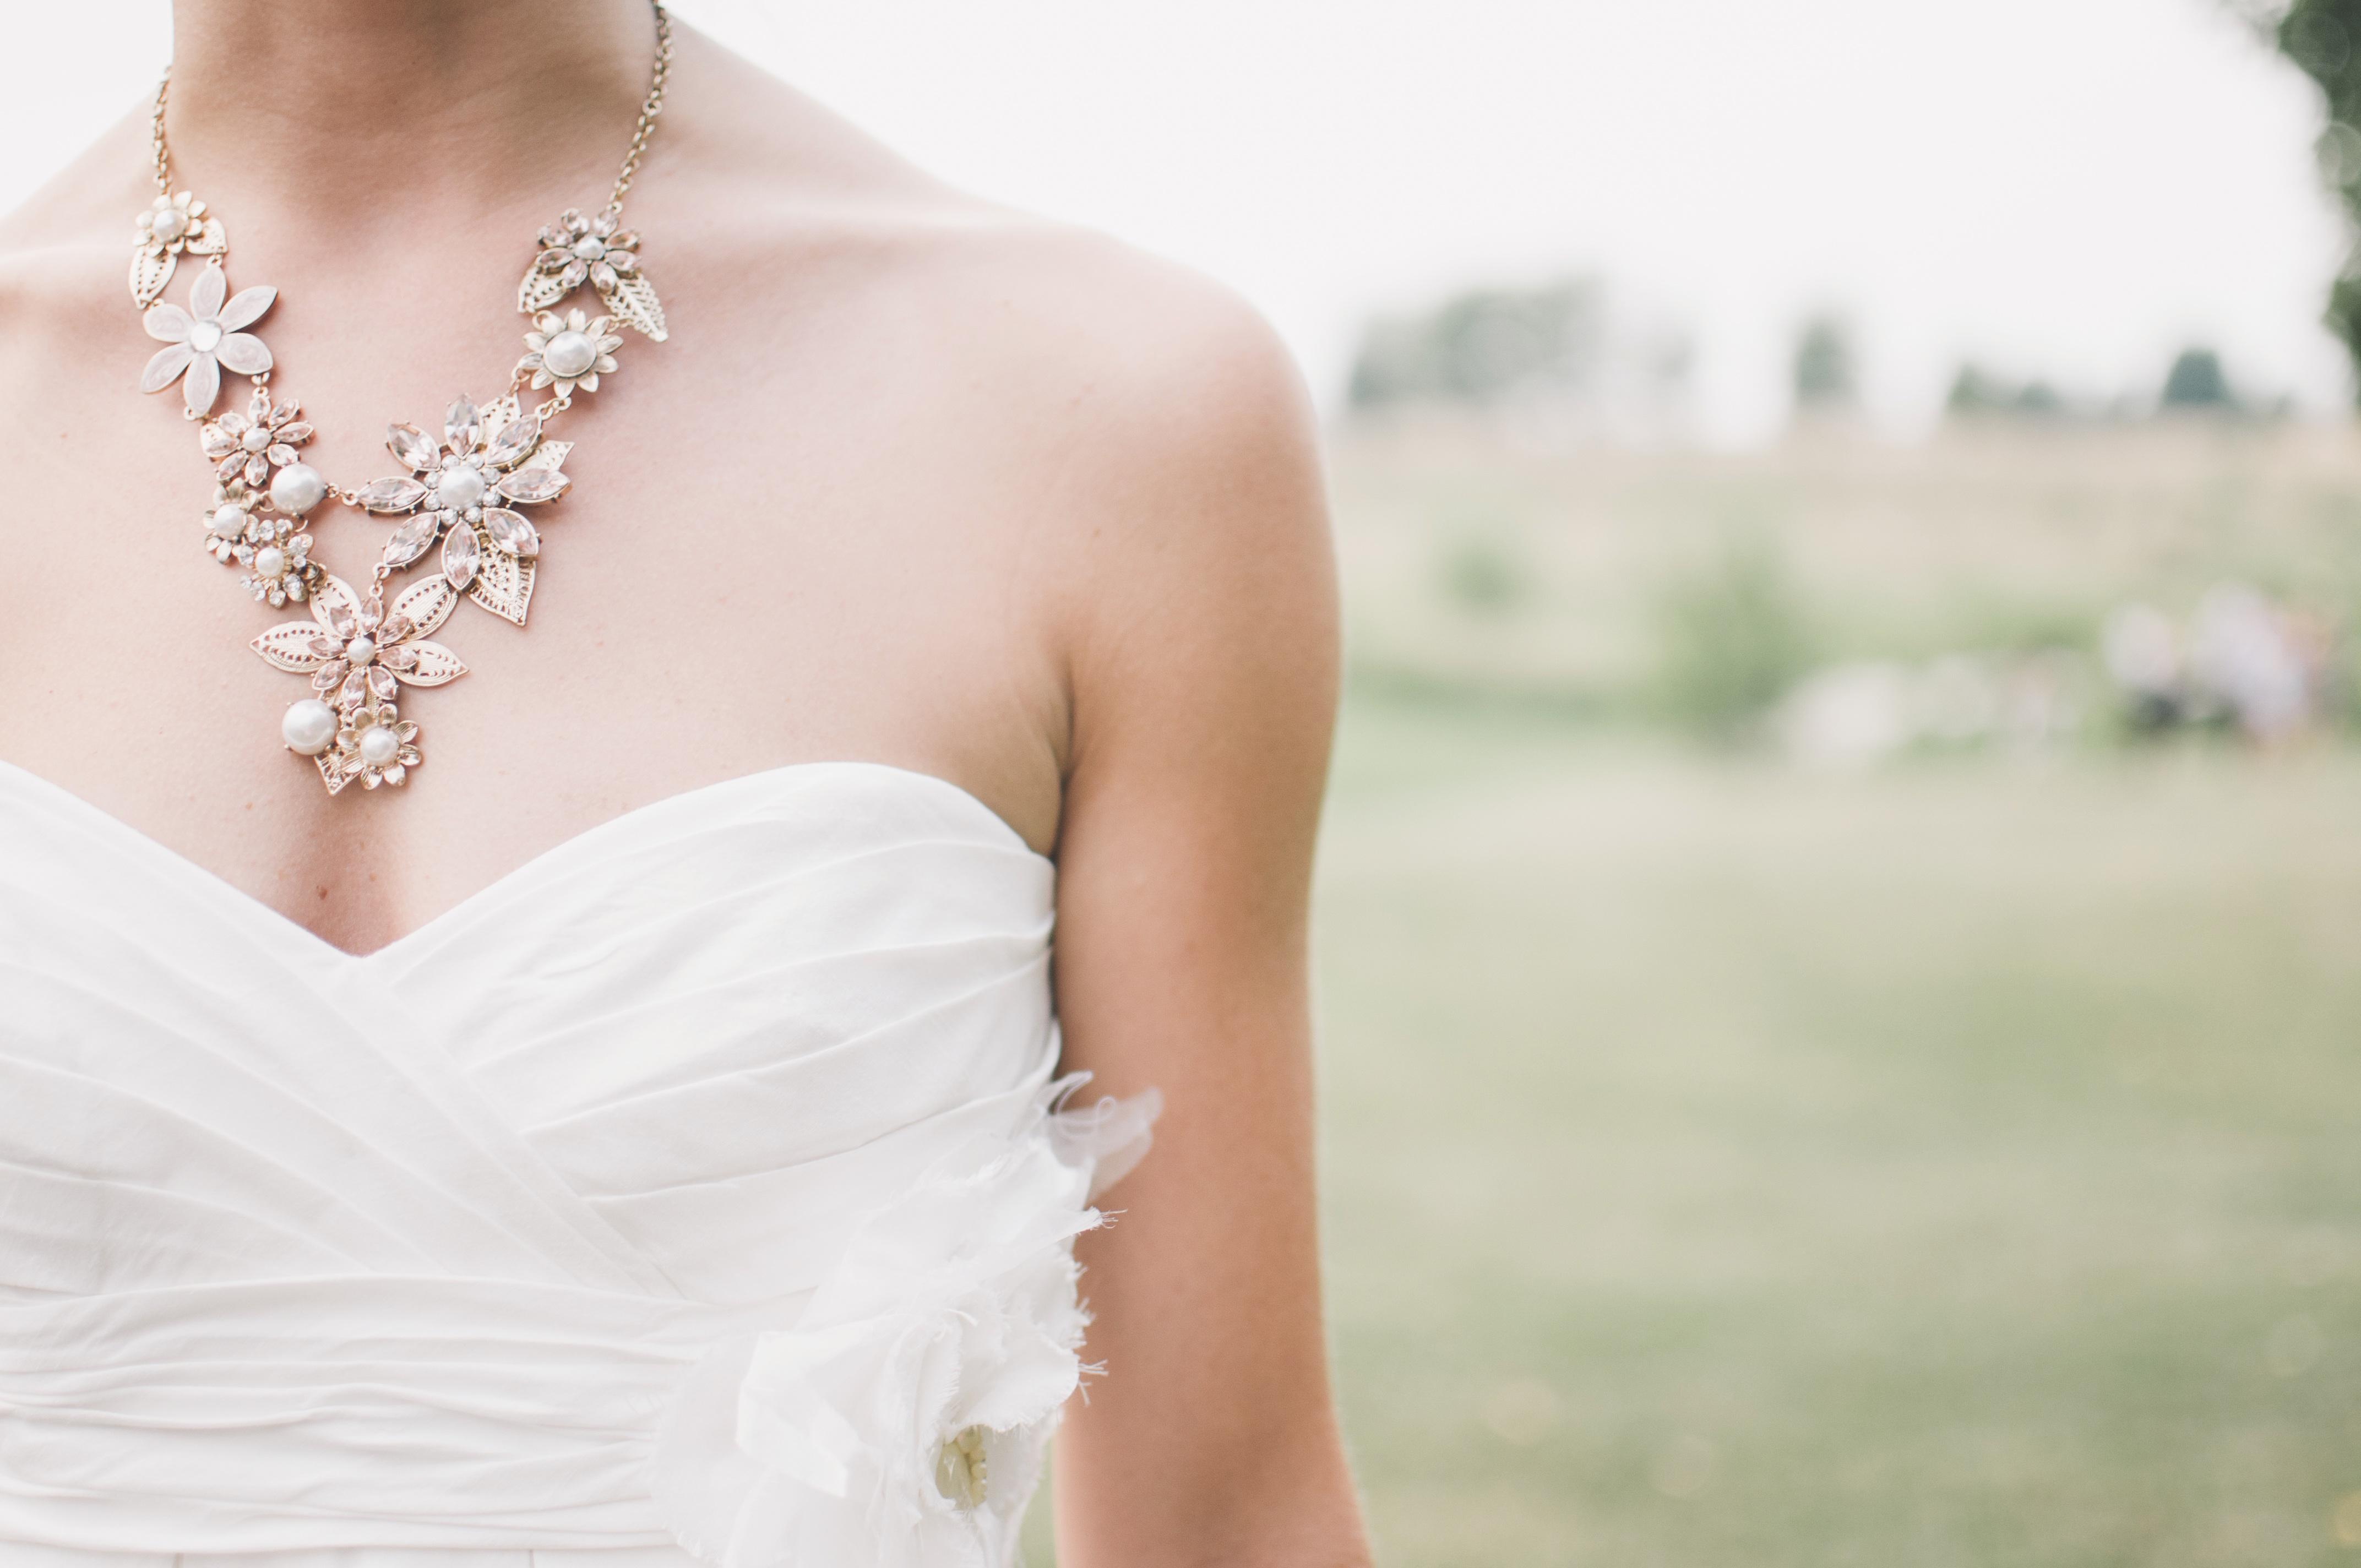 Kostenlose foto : Frau, Blume, Kleidung, Hochzeit, Hochzeitskleid ...